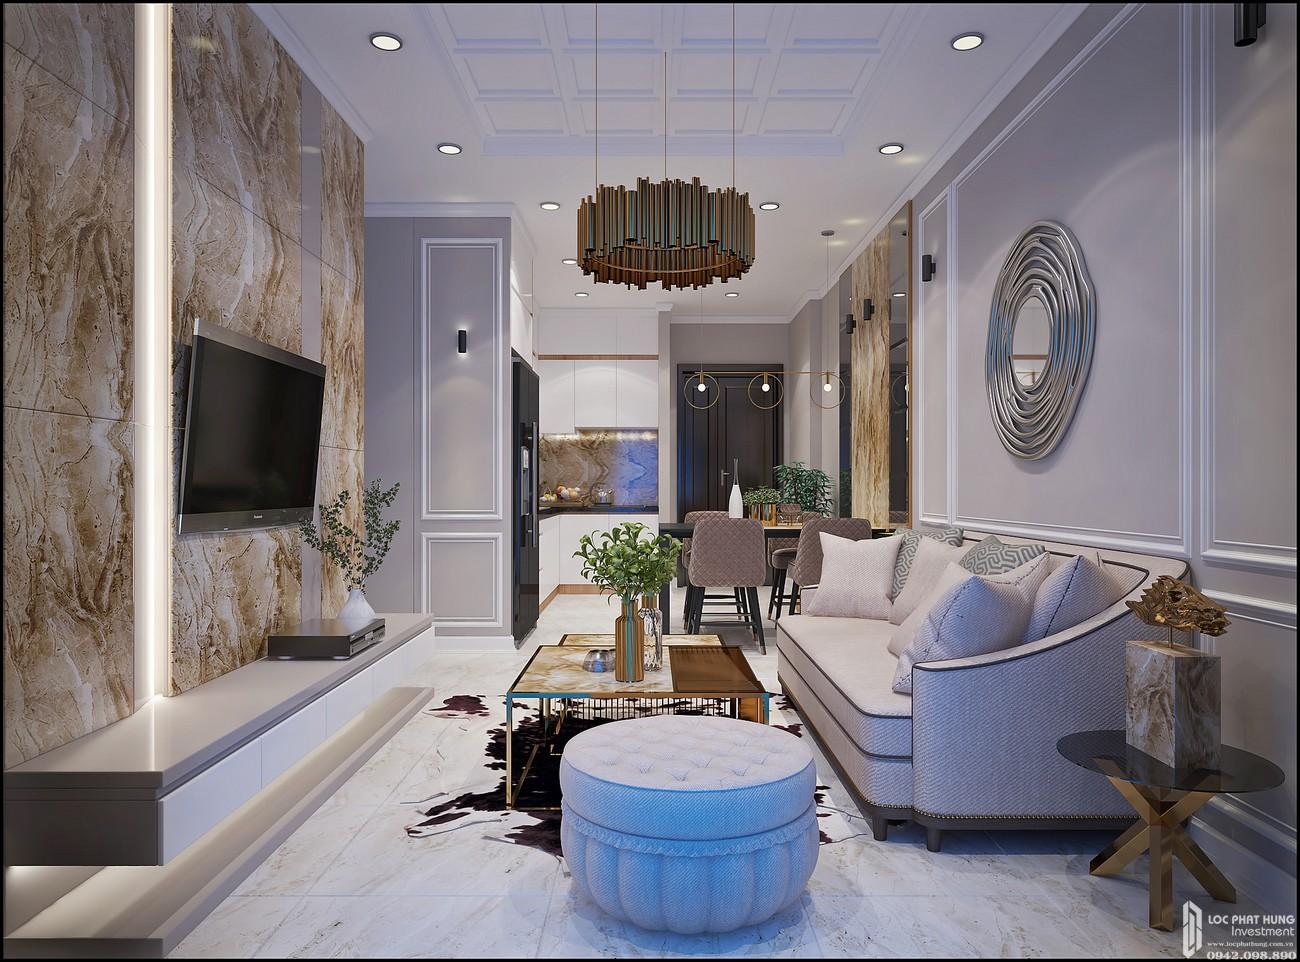 Phòng khách dự án Căn Hộ chung cư Bcons Miền Đông Dĩ An Đường Tân Lập chủ đầu tư Bcons